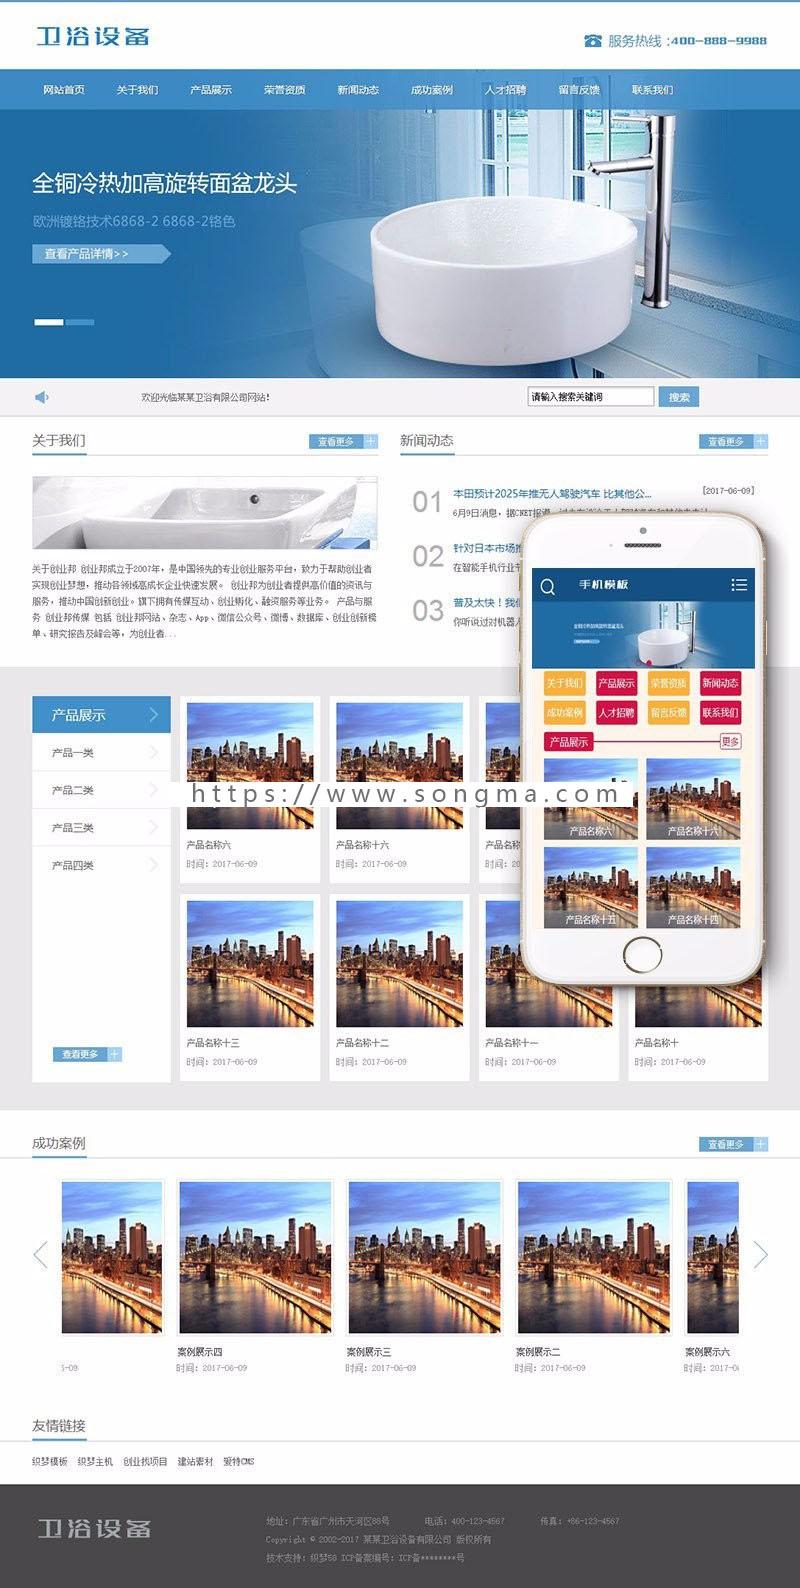 卫浴瓷器产品类网站织梦模板带手机端dedecms